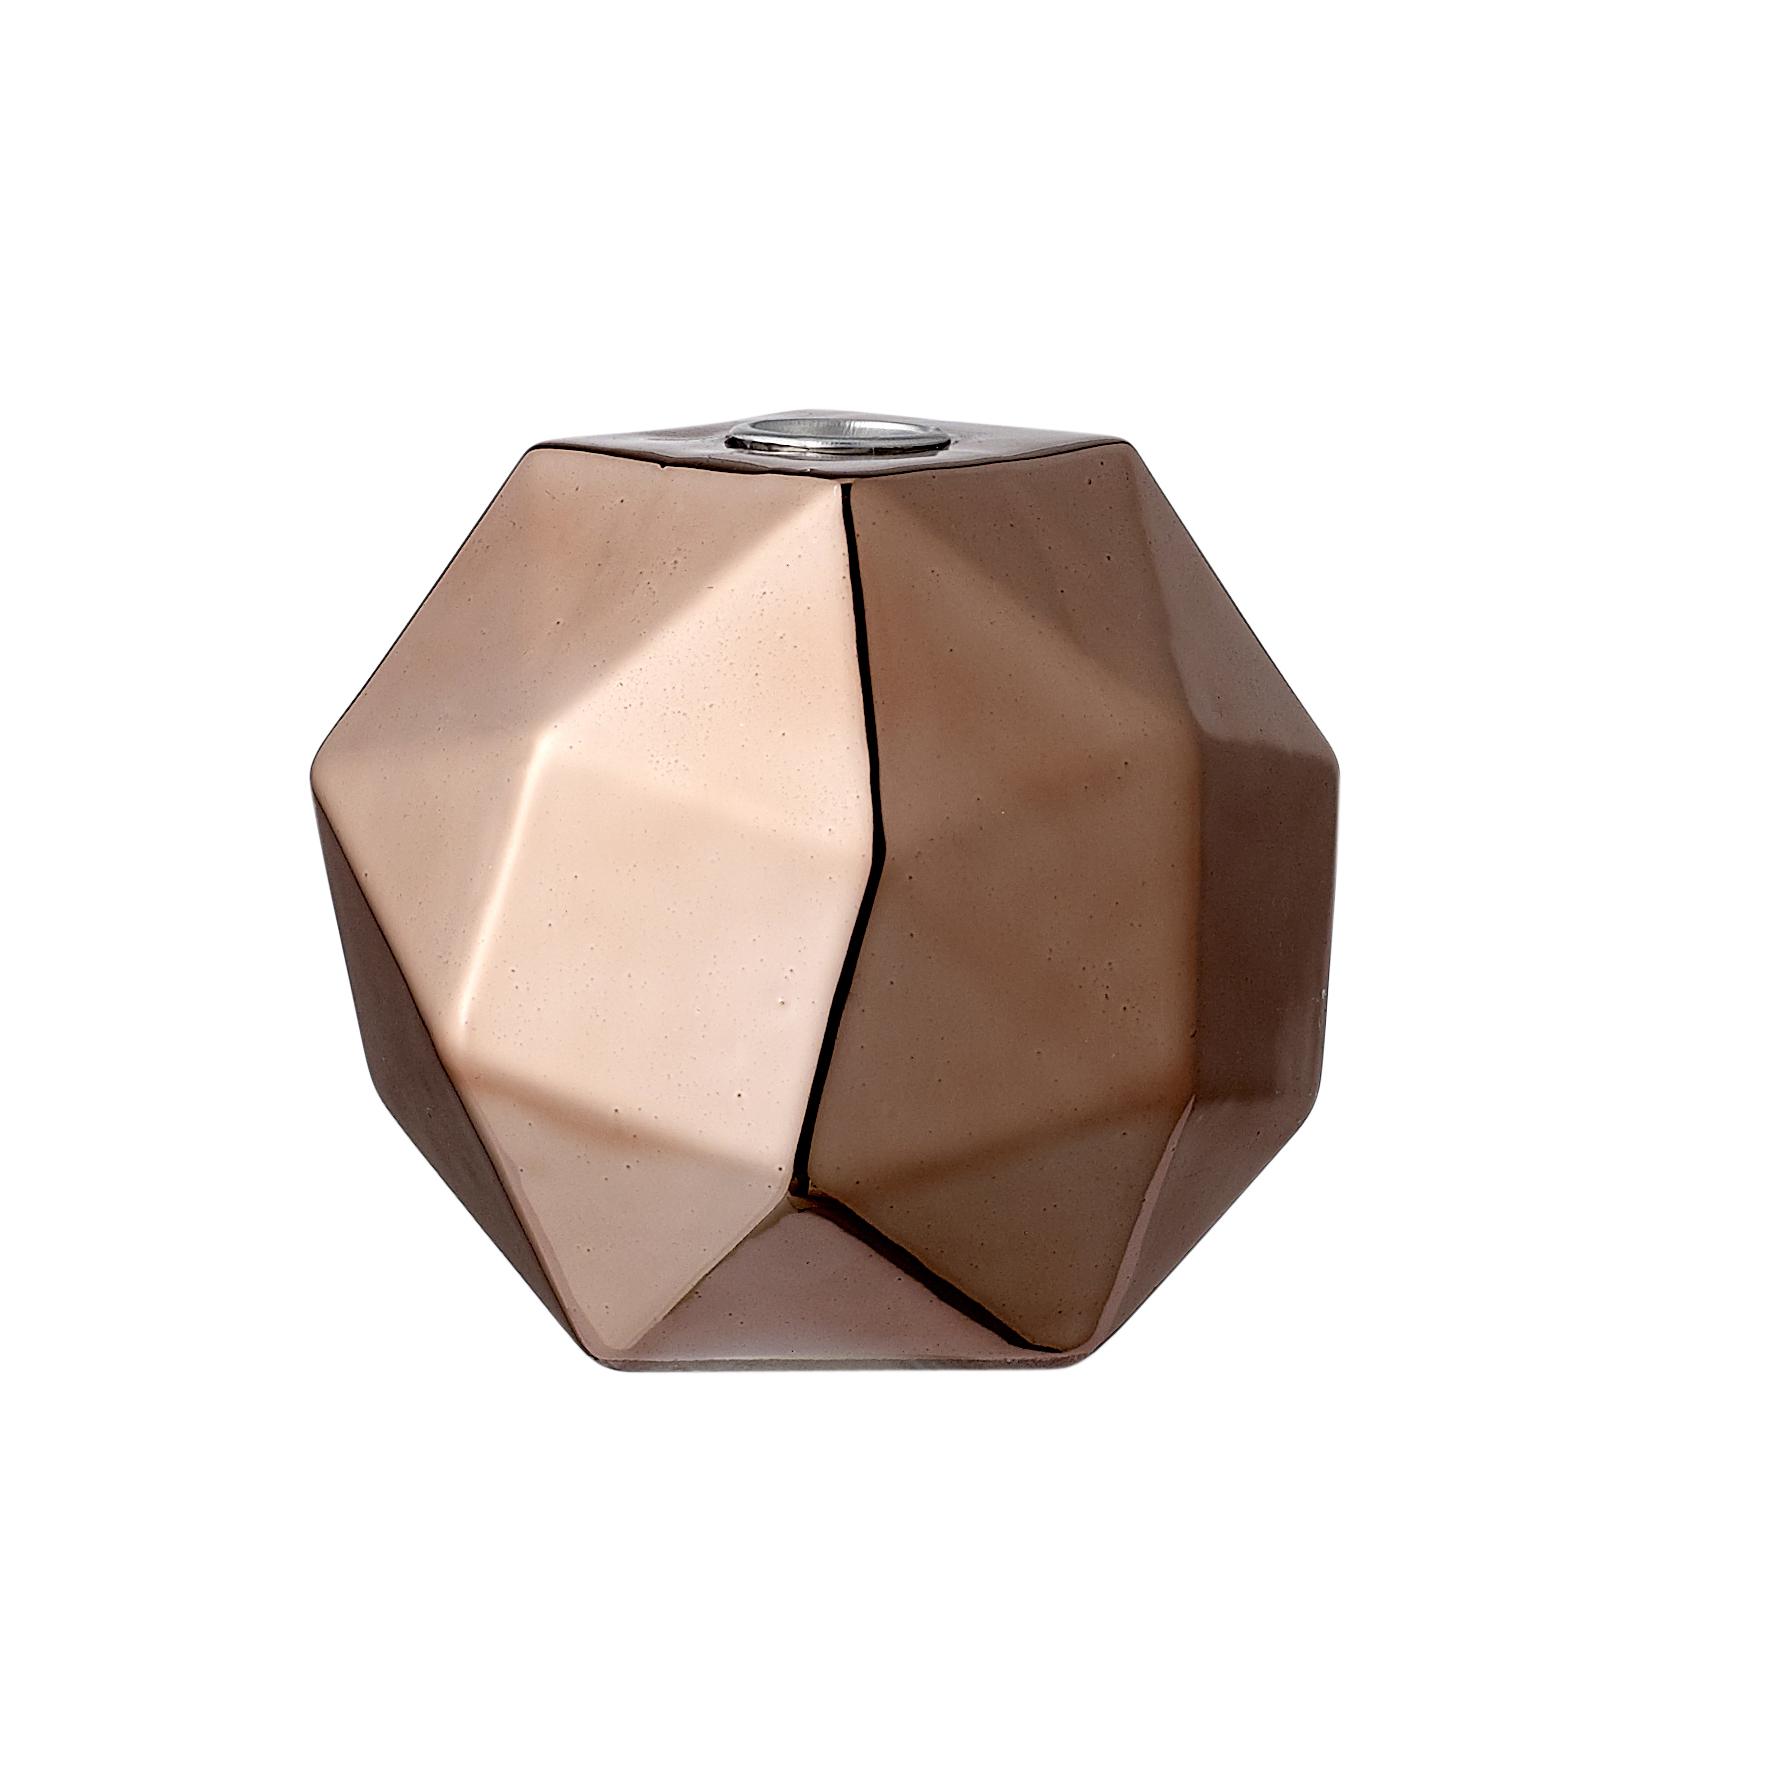 Geometrisk jusstake av koppar